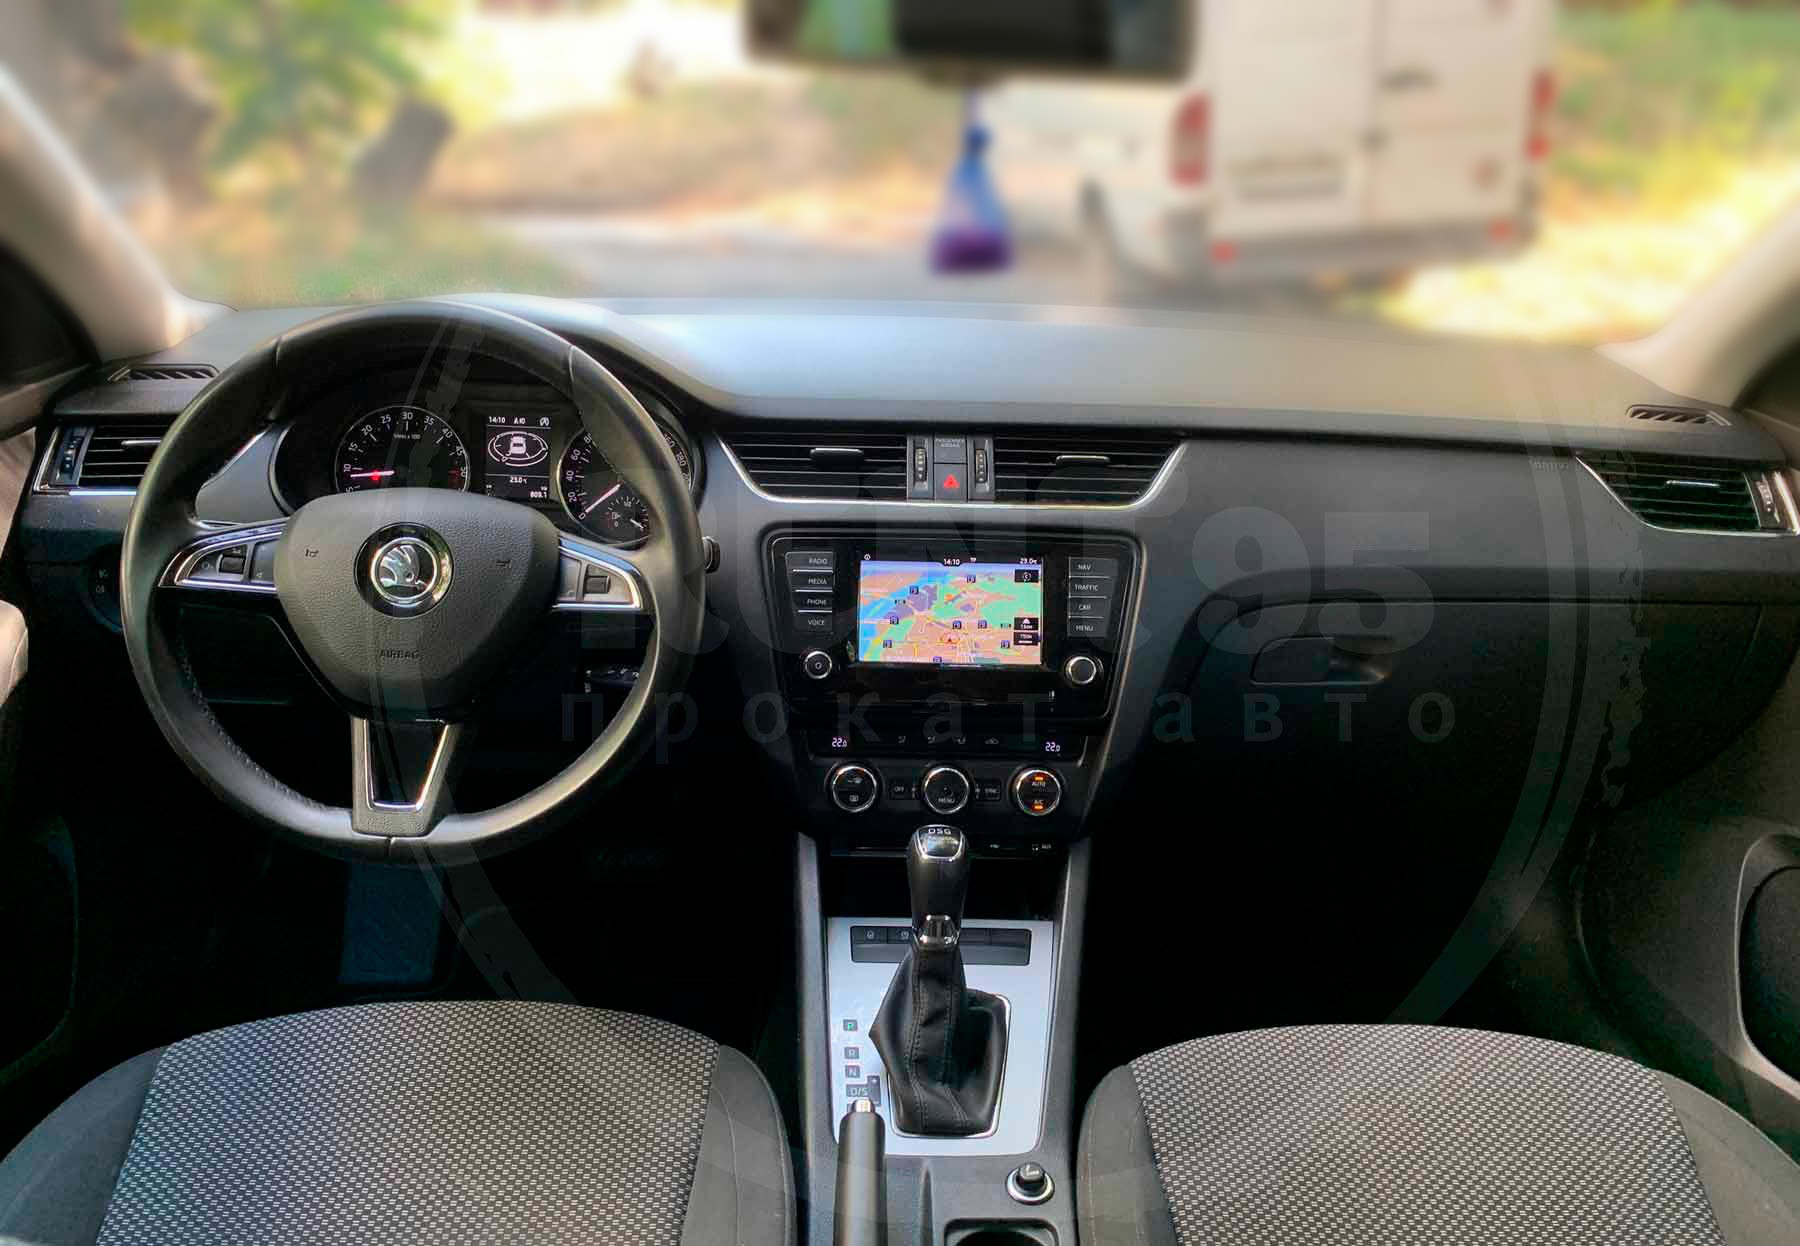 Rent Skoda Octavia A7 Combi At